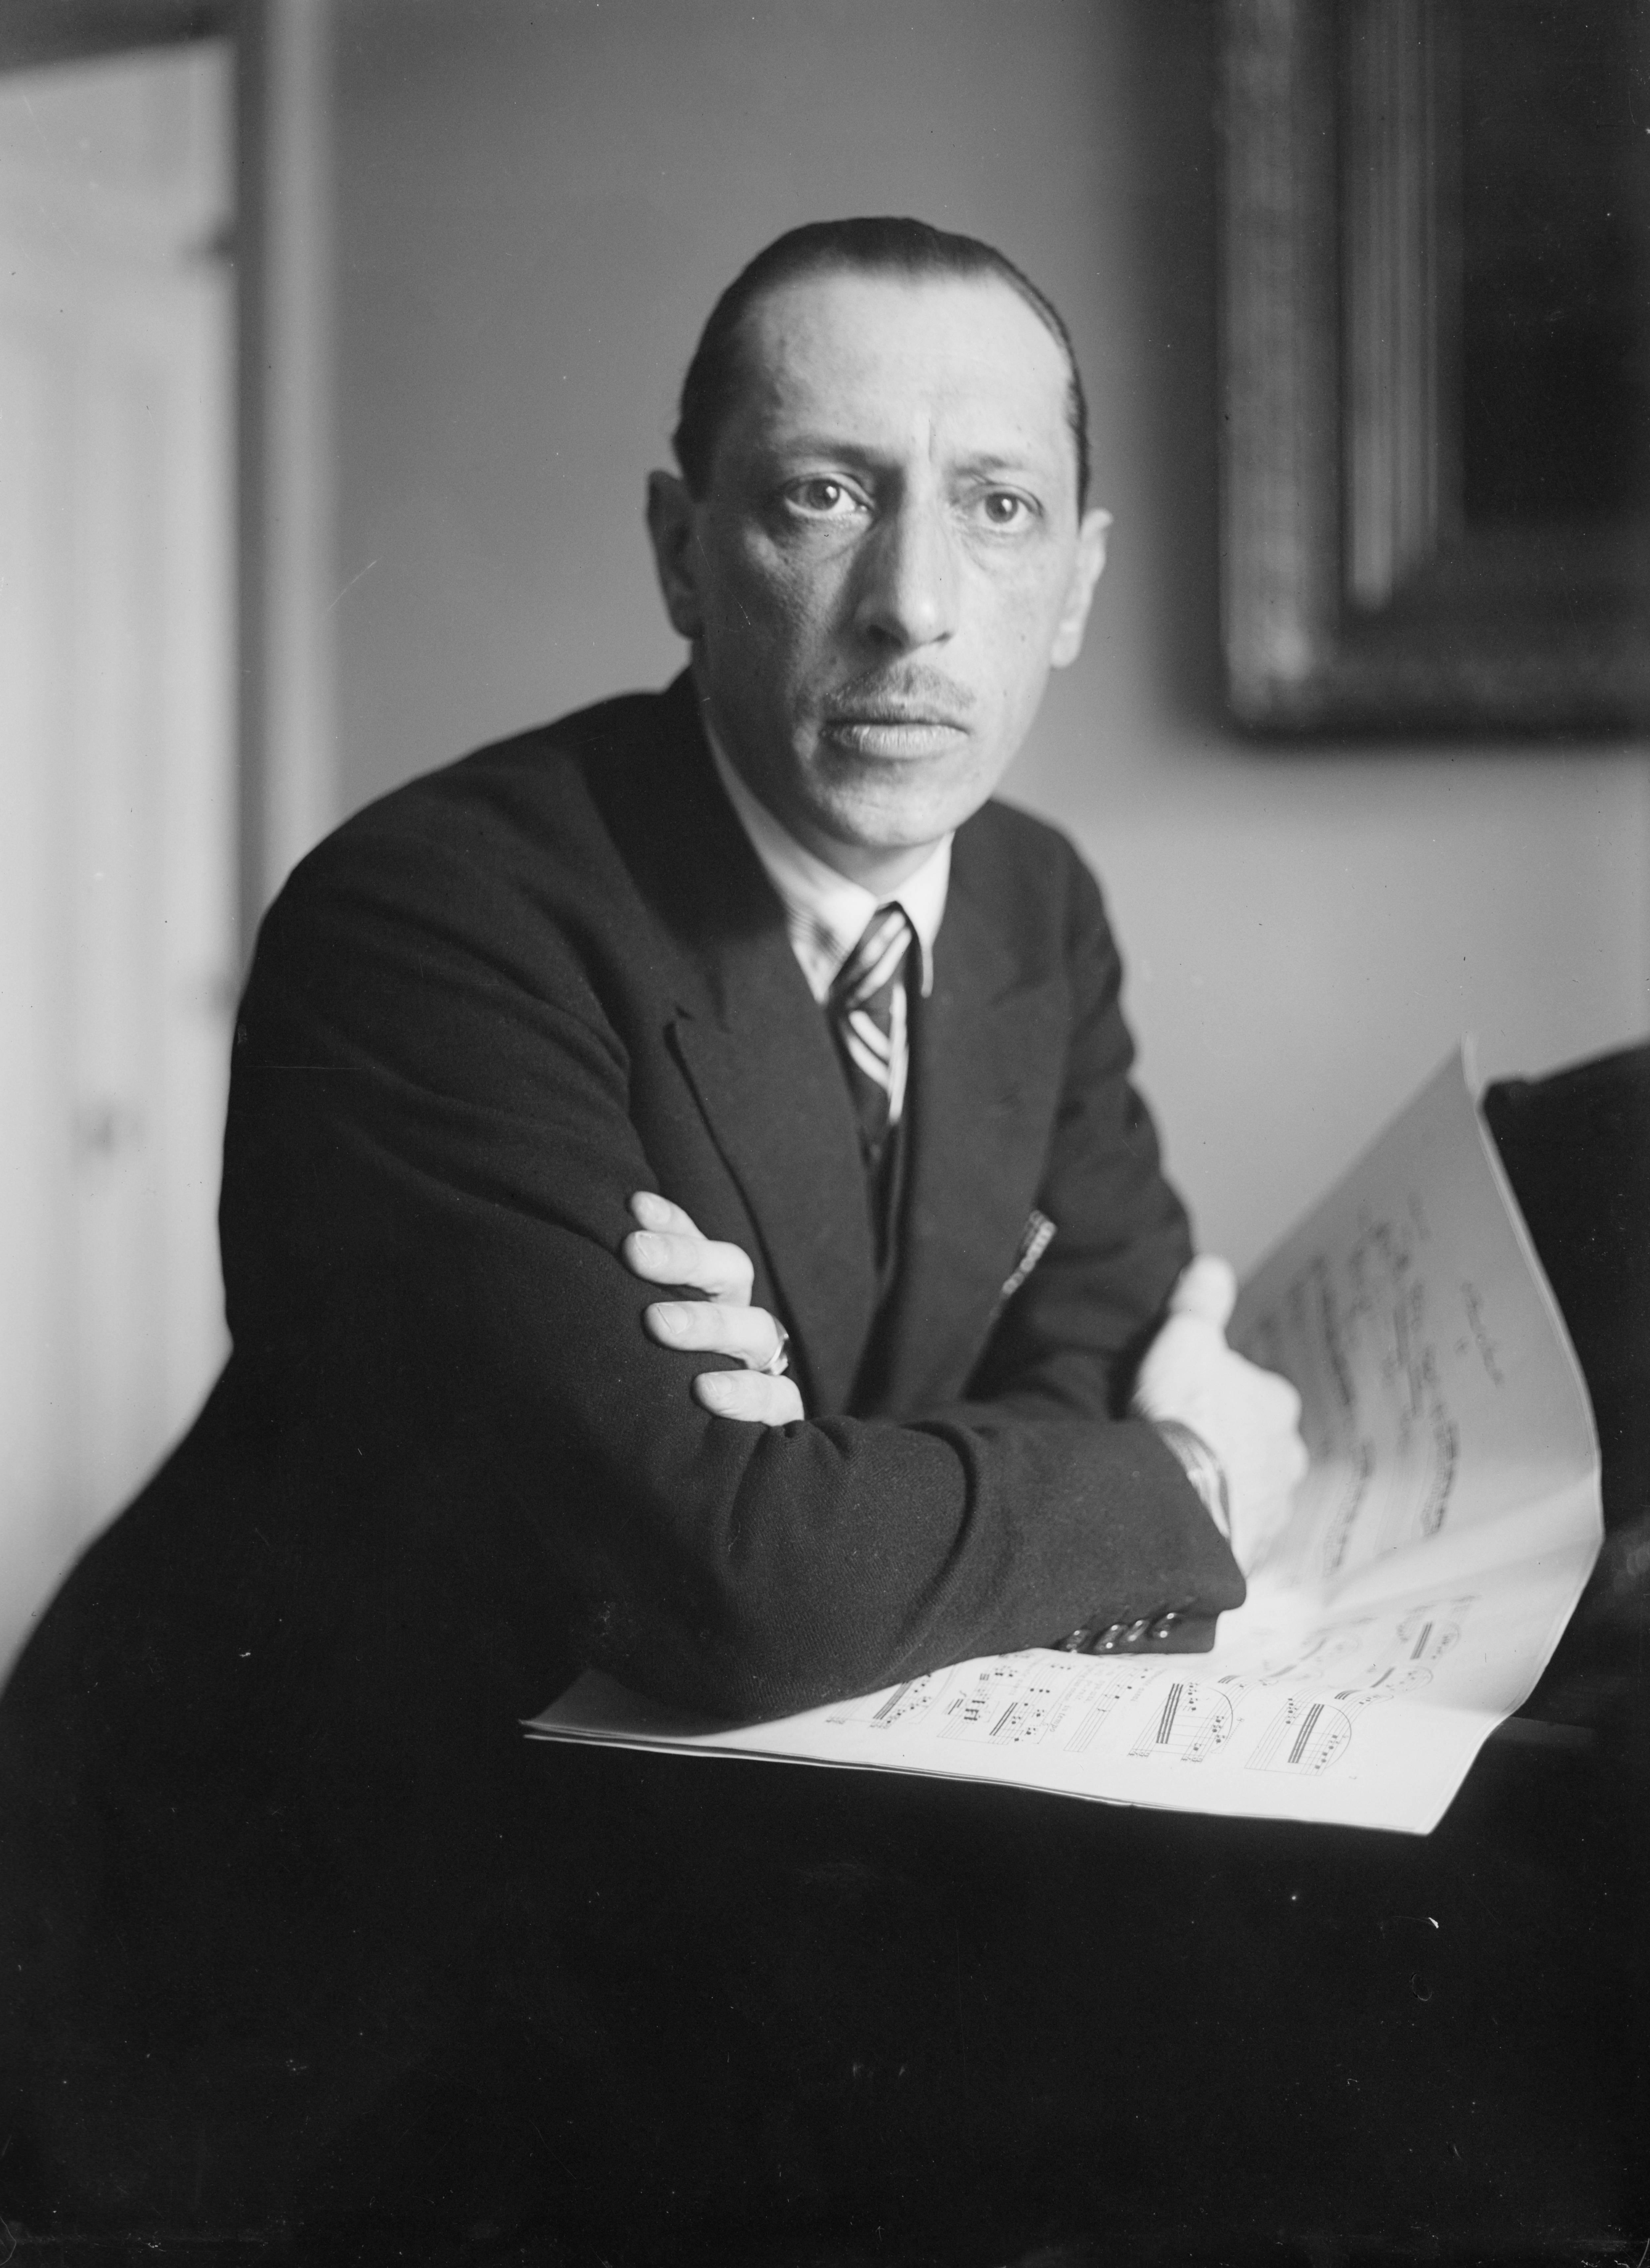 3313ae094569d45df1c5b394a25c1334 - Getting Off On The Wrong Foot: Igor Stravinsky's Wild Night At The Ballet